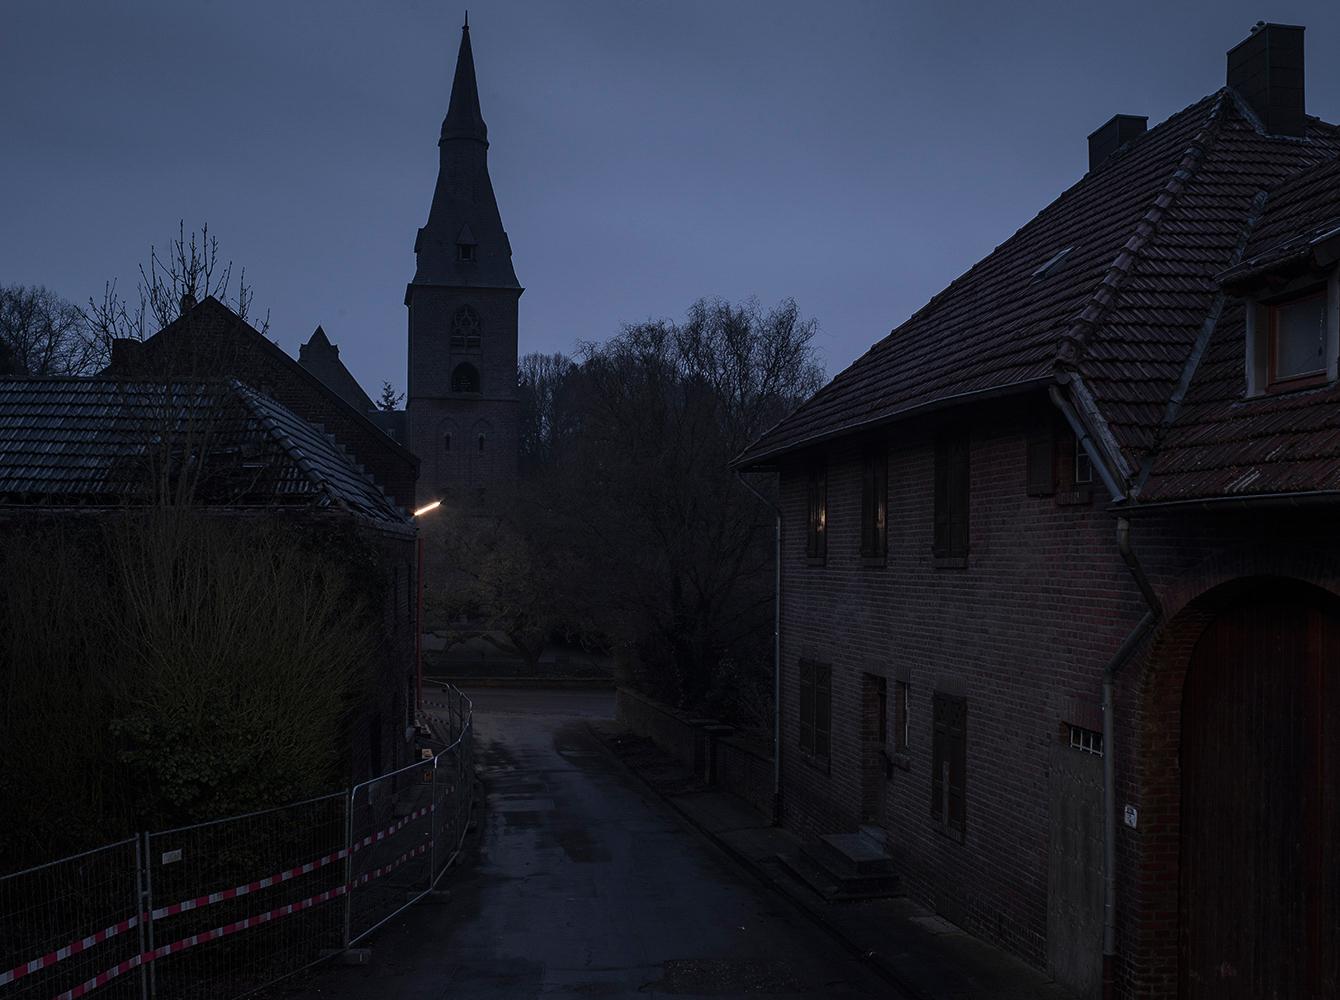 St. Martinus Kirche, Borschemich